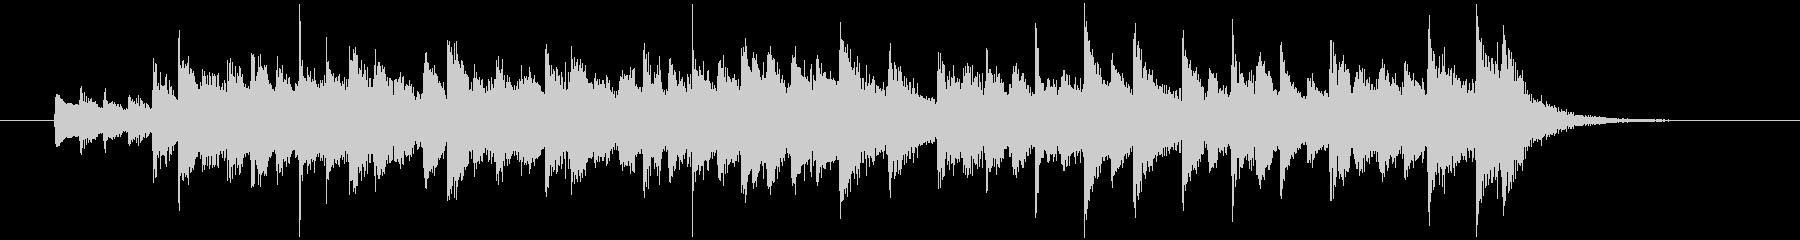 ハープの音色、ファンタジックなジングルの未再生の波形